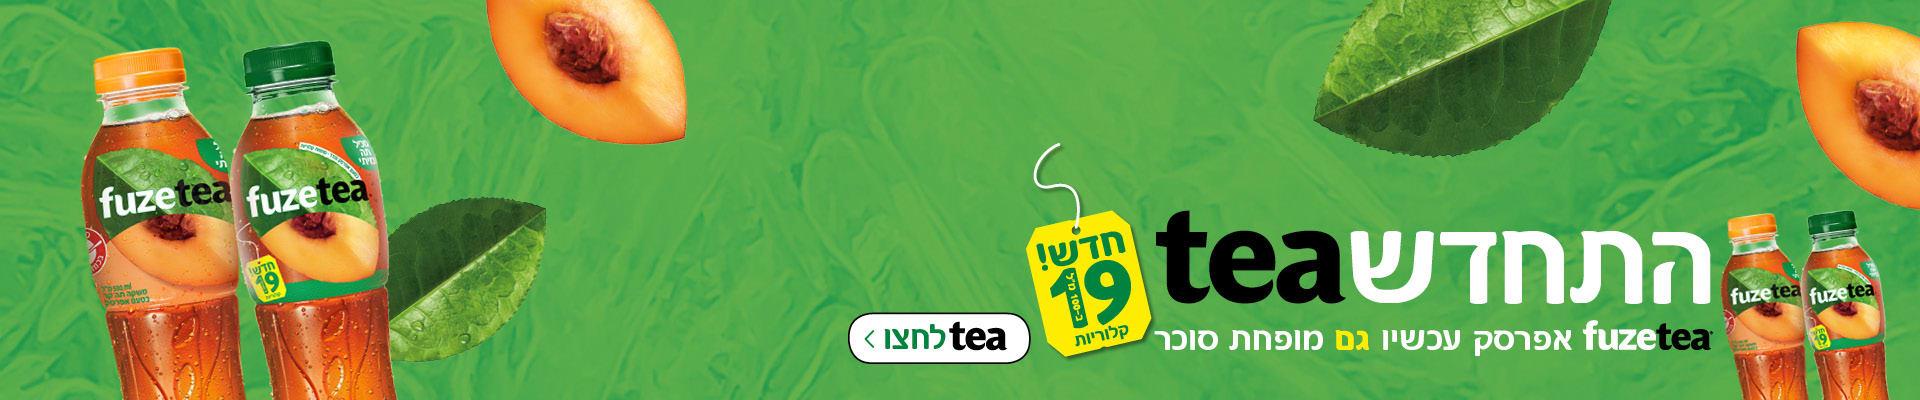 התחדשנו fuze tea אפרסק עכשיו גם מופחת סוכר, 19 קלוריות.